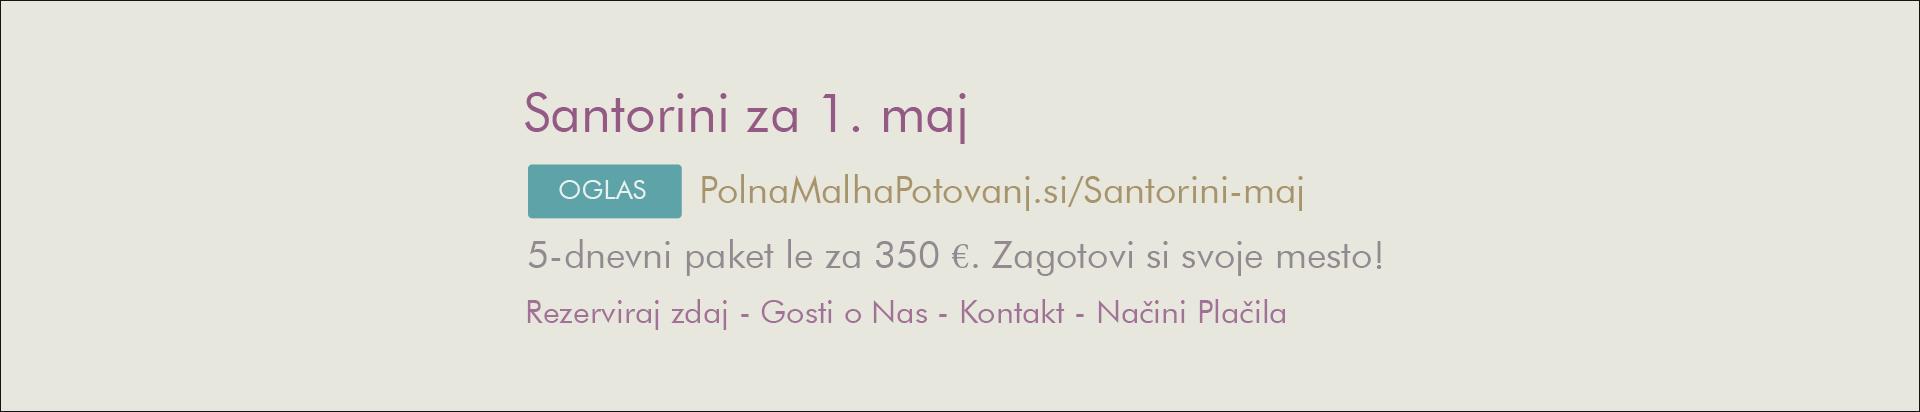 oglas_1